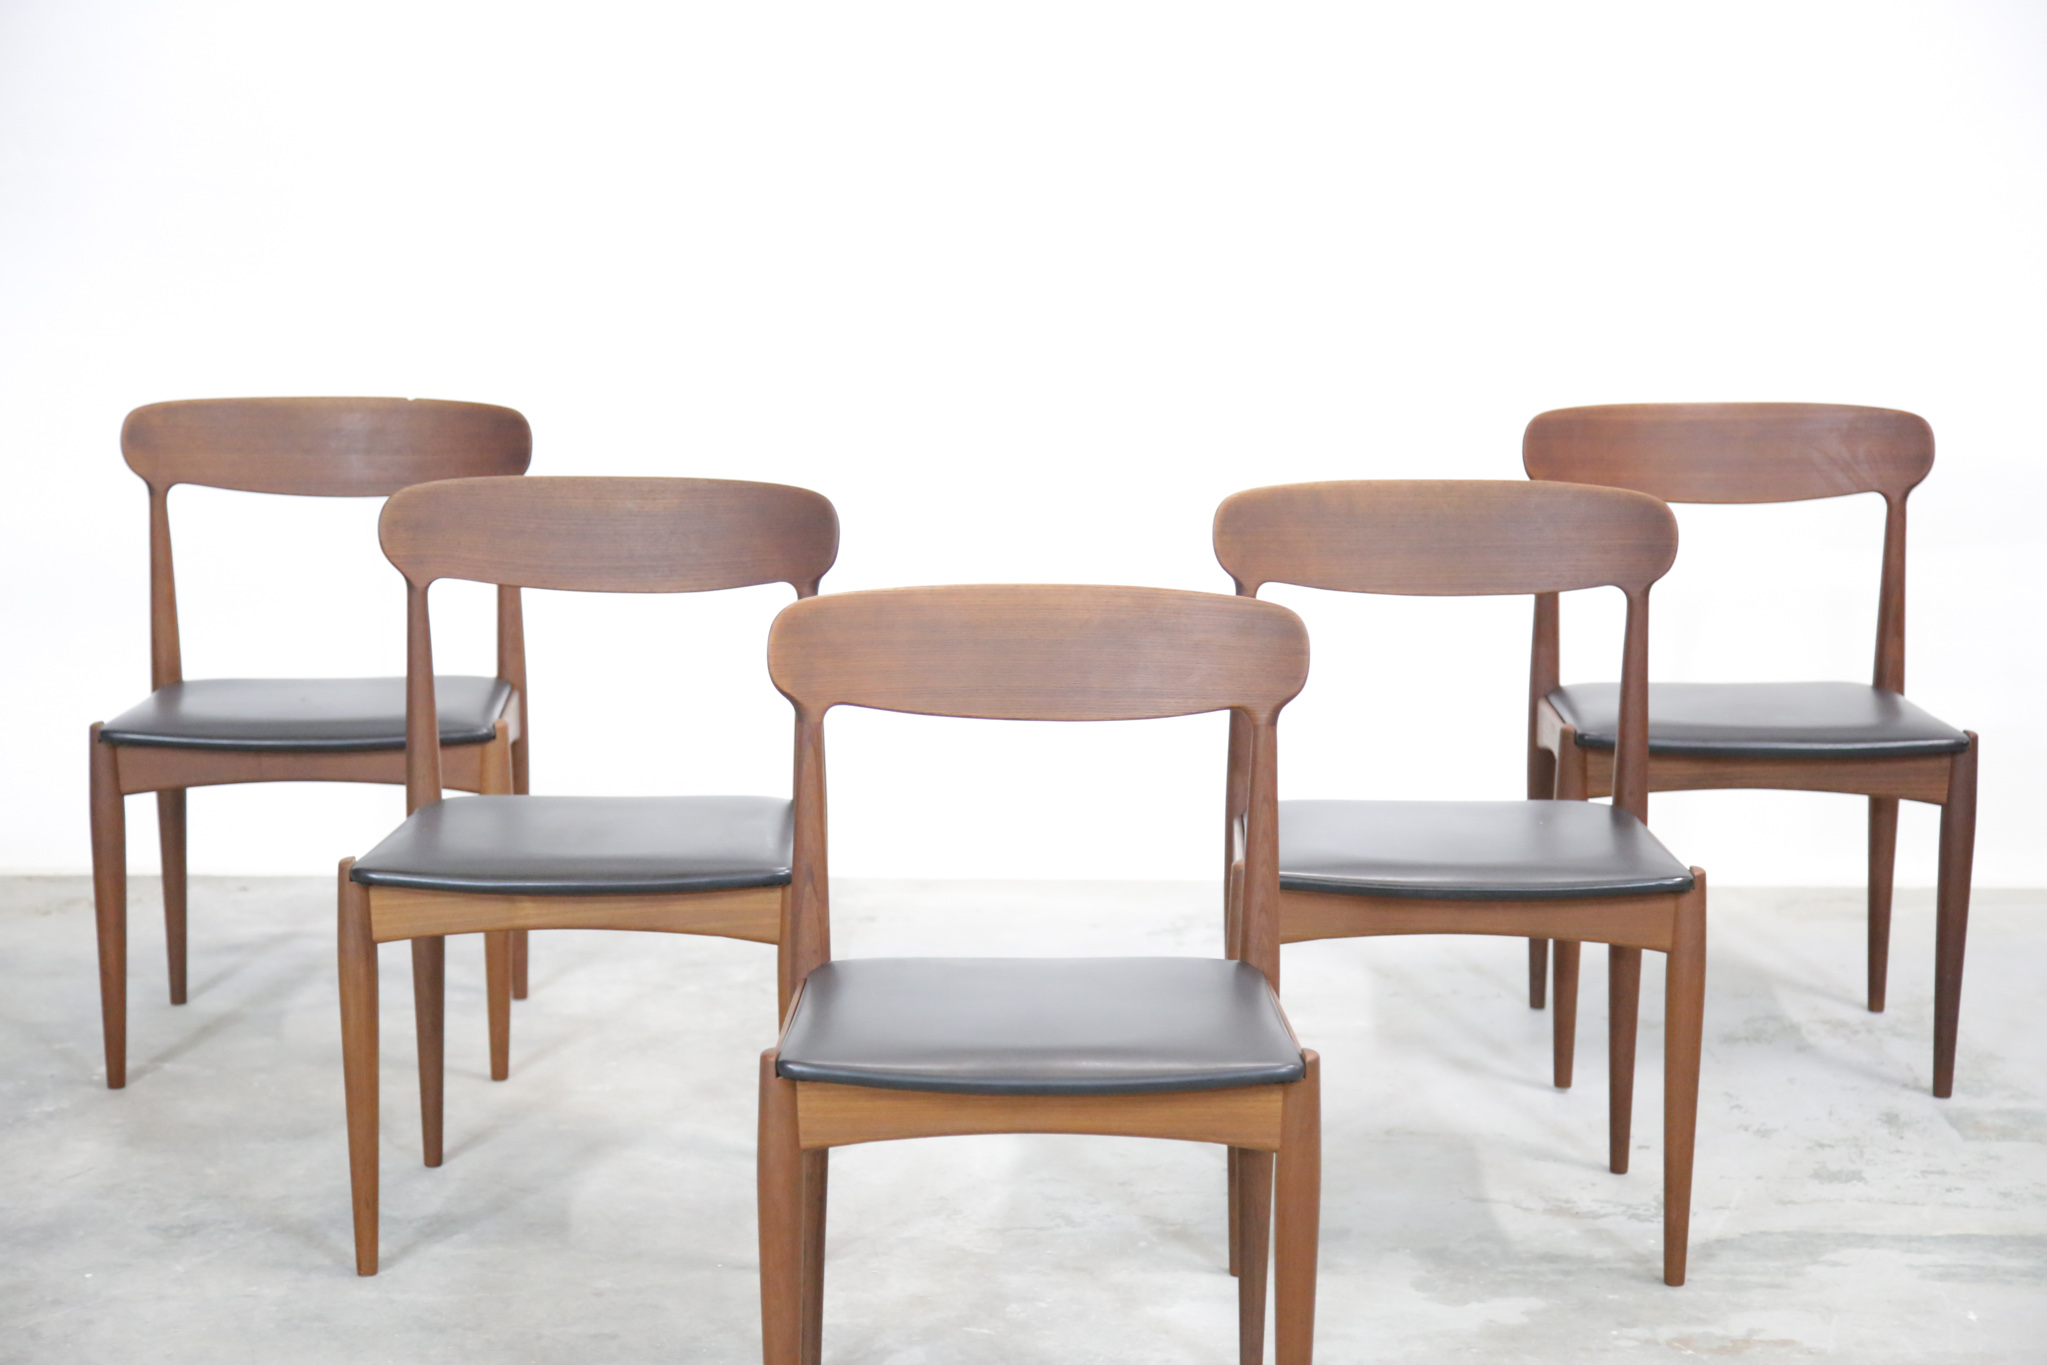 Danoise De Chaises Suite Andersen – 5 Dining Johannes Danke Chair PZiukX